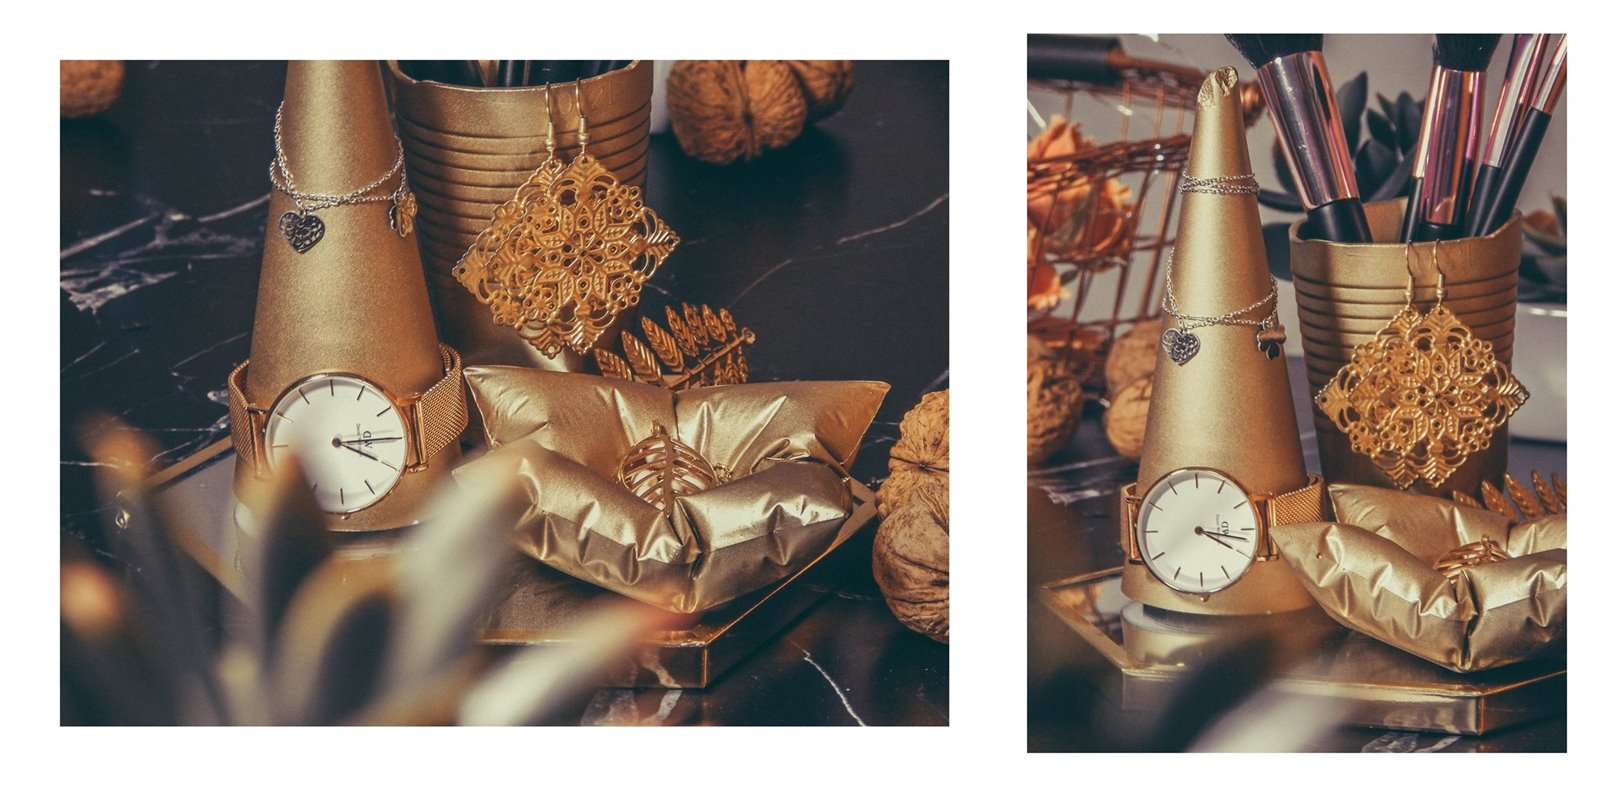 5a contit stylowe złote dodatki do wnętrz stojak na bizuterię jak przechowywać biżuterię nowoczesne dekoracje pomysł na prezent łódzkie upominki prezenty na gwiazdkę co kupić dziewczynie na urodziny, na święta